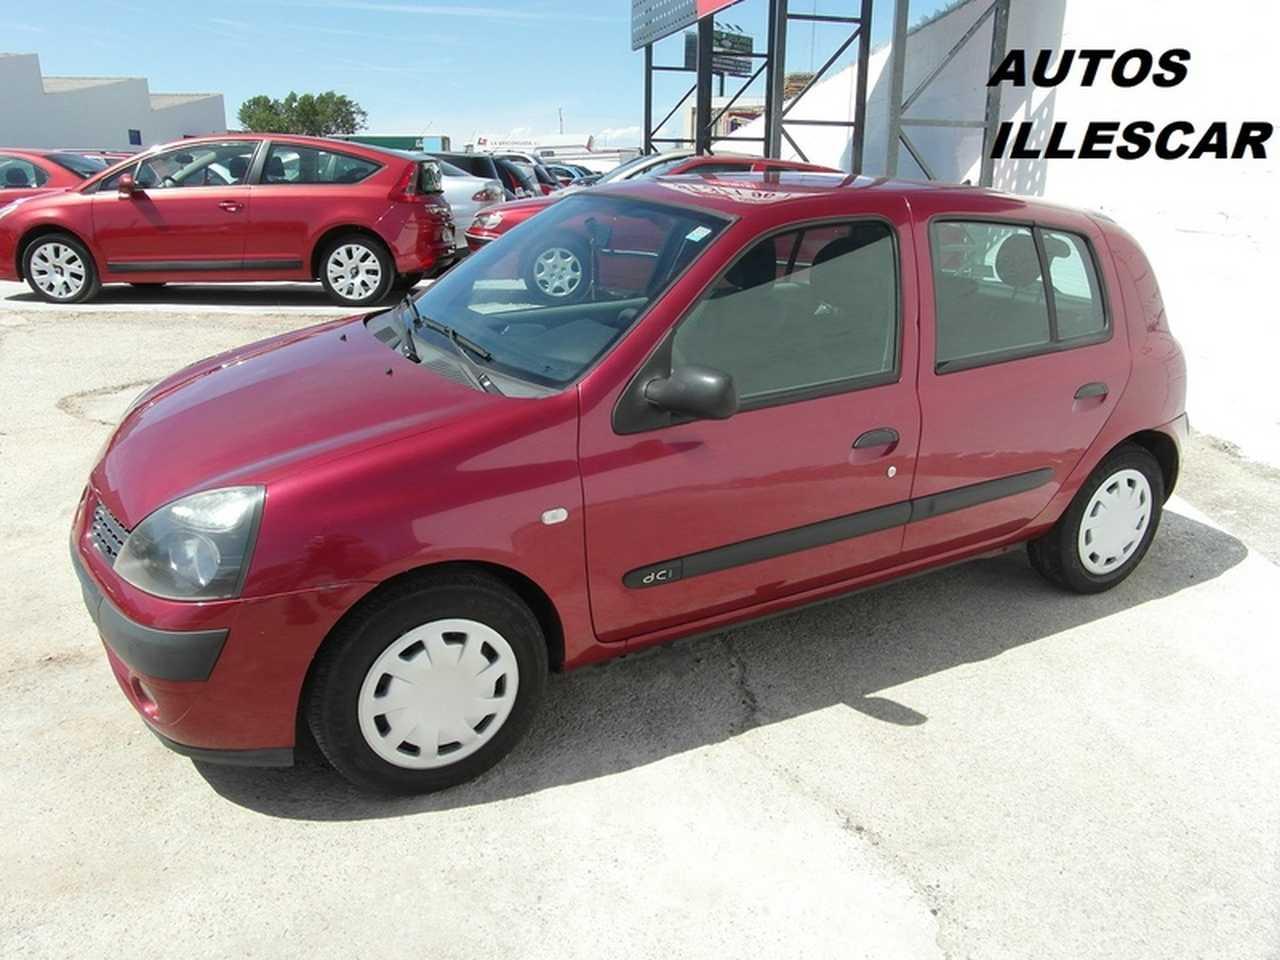 Renault Clio 1.5 DCI 80 CV MUY CUIDADO  - Foto 1